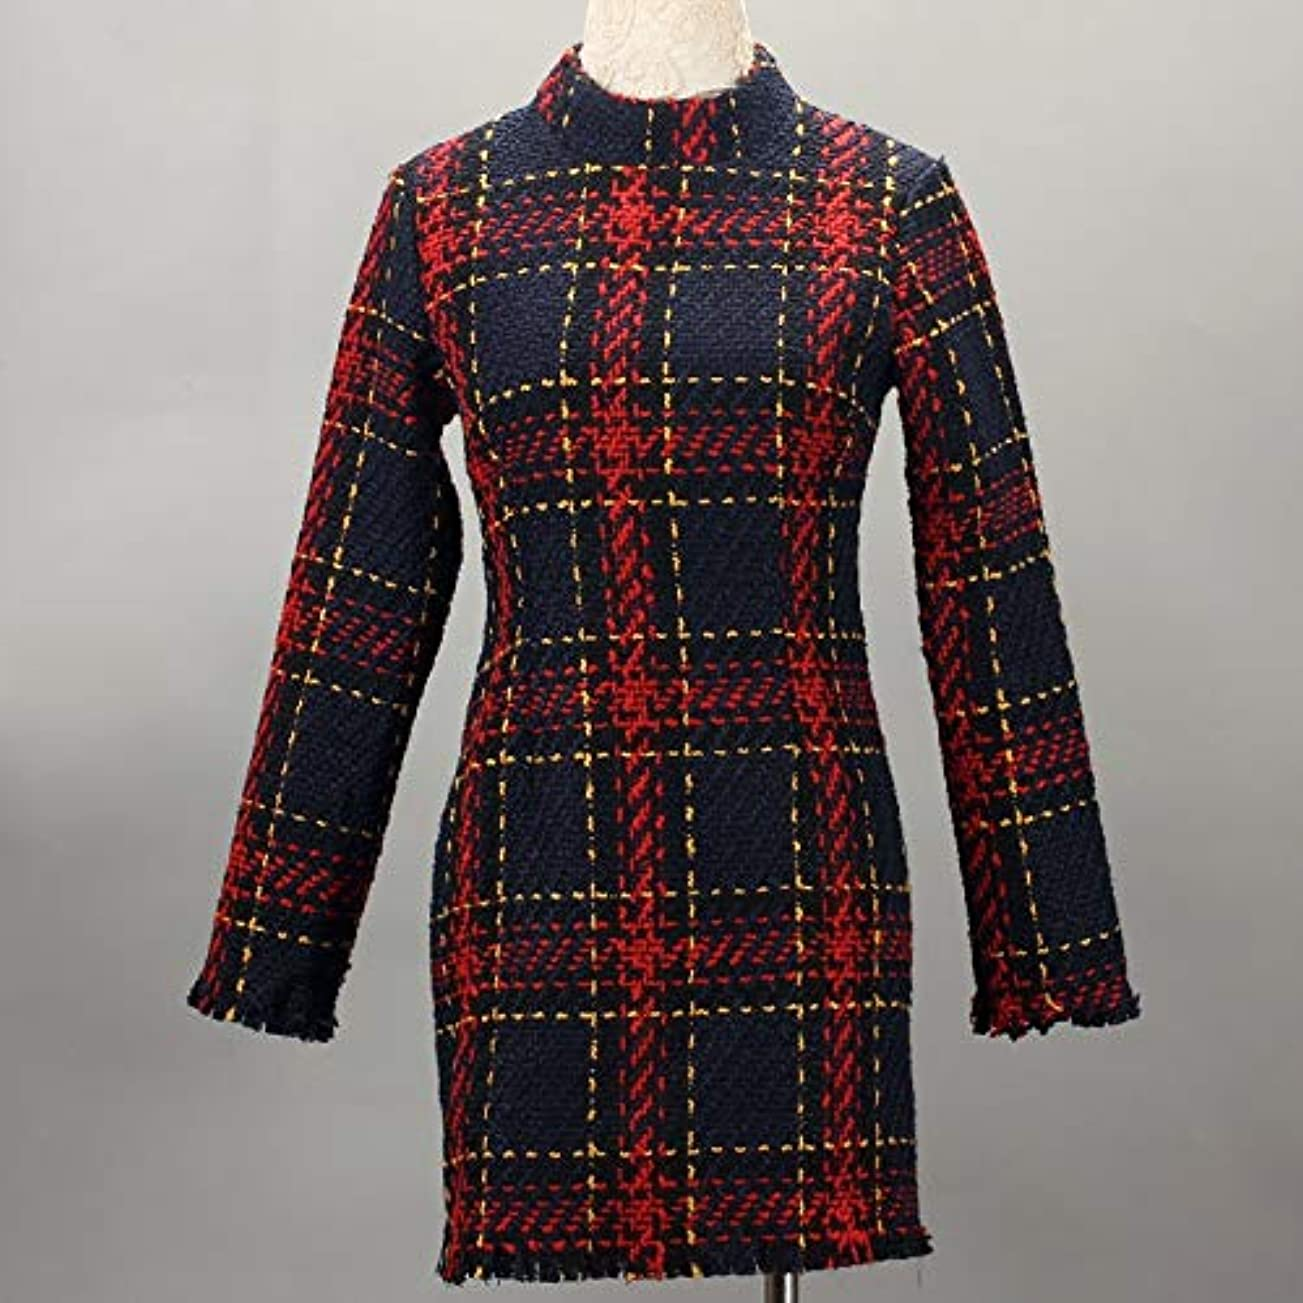 黒考えカプラーOnderroa - ファッション冬のドレスの女性は、ストライプ長袖スリムスキニーセクシーなミニボディコンヴィンテージvestidosドレスの女性を印刷PLAID